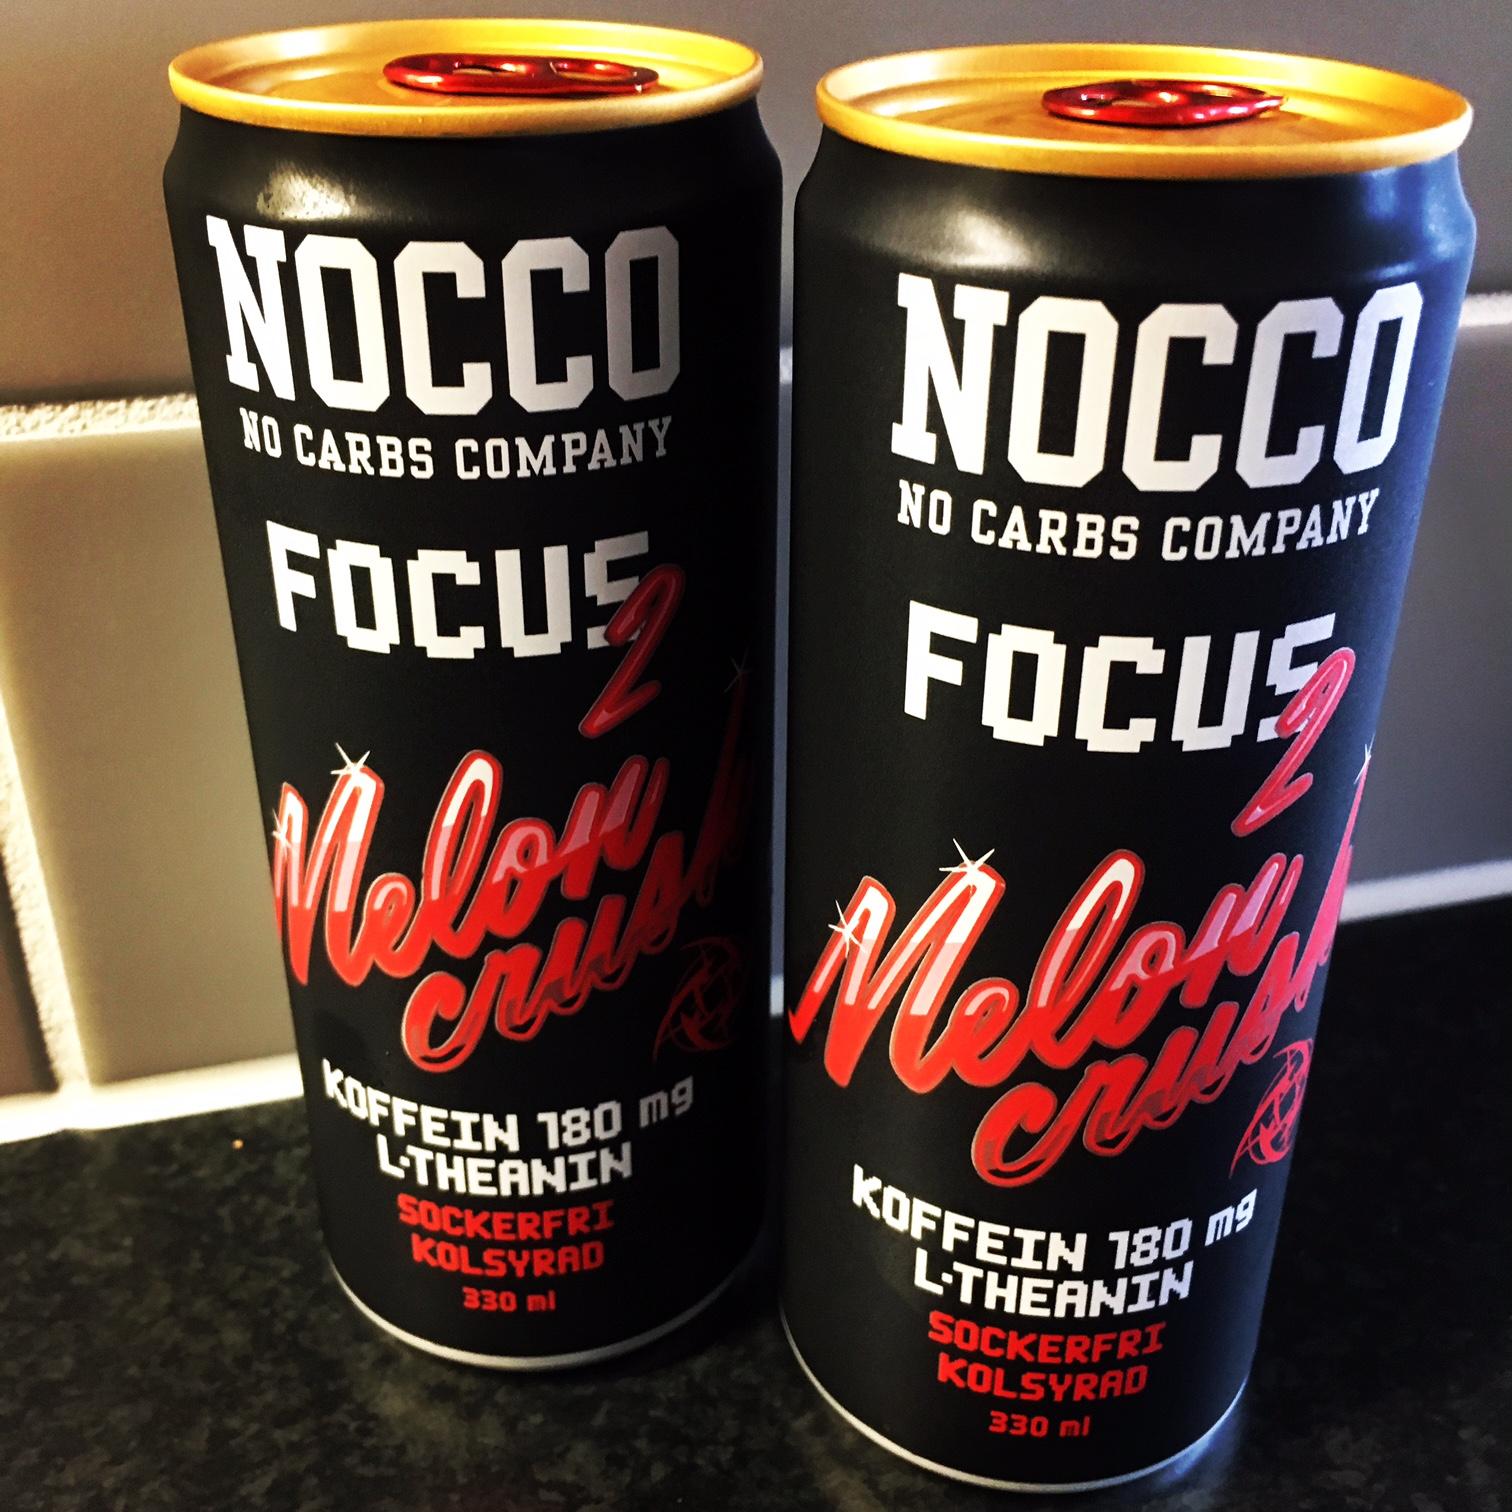 NOCCO Focus 2 Melon Crush